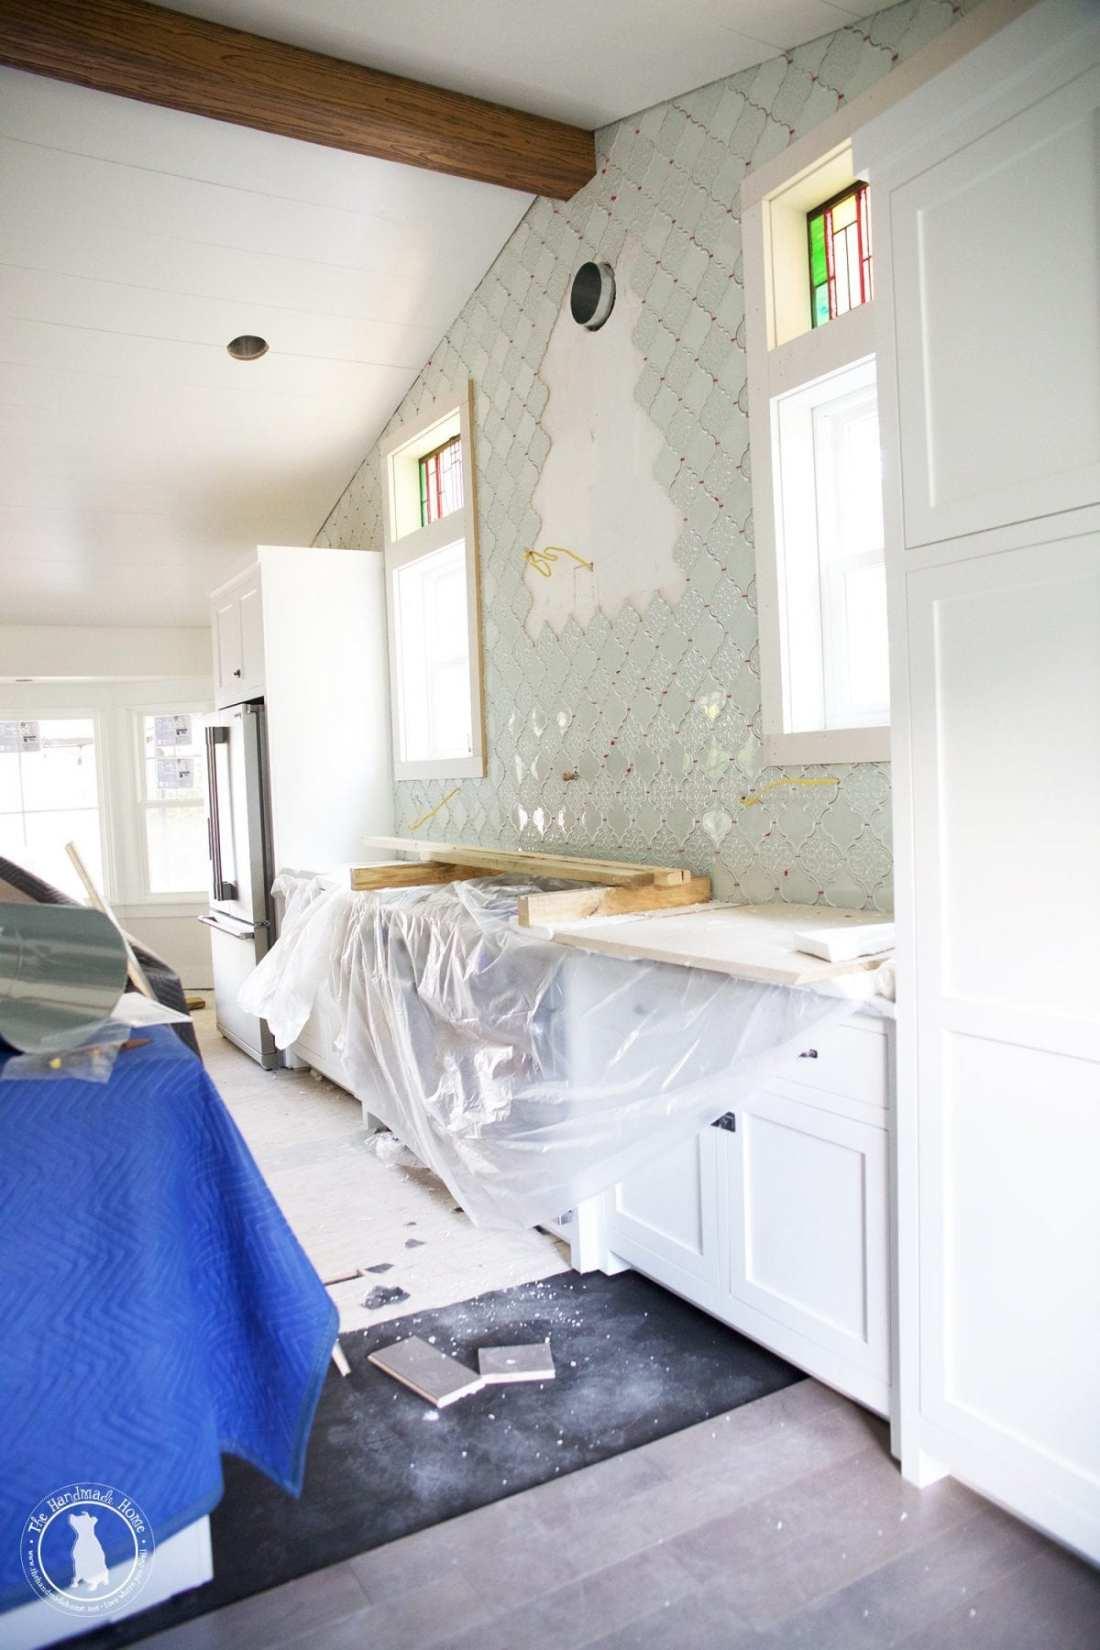 tile_kitchen_windows